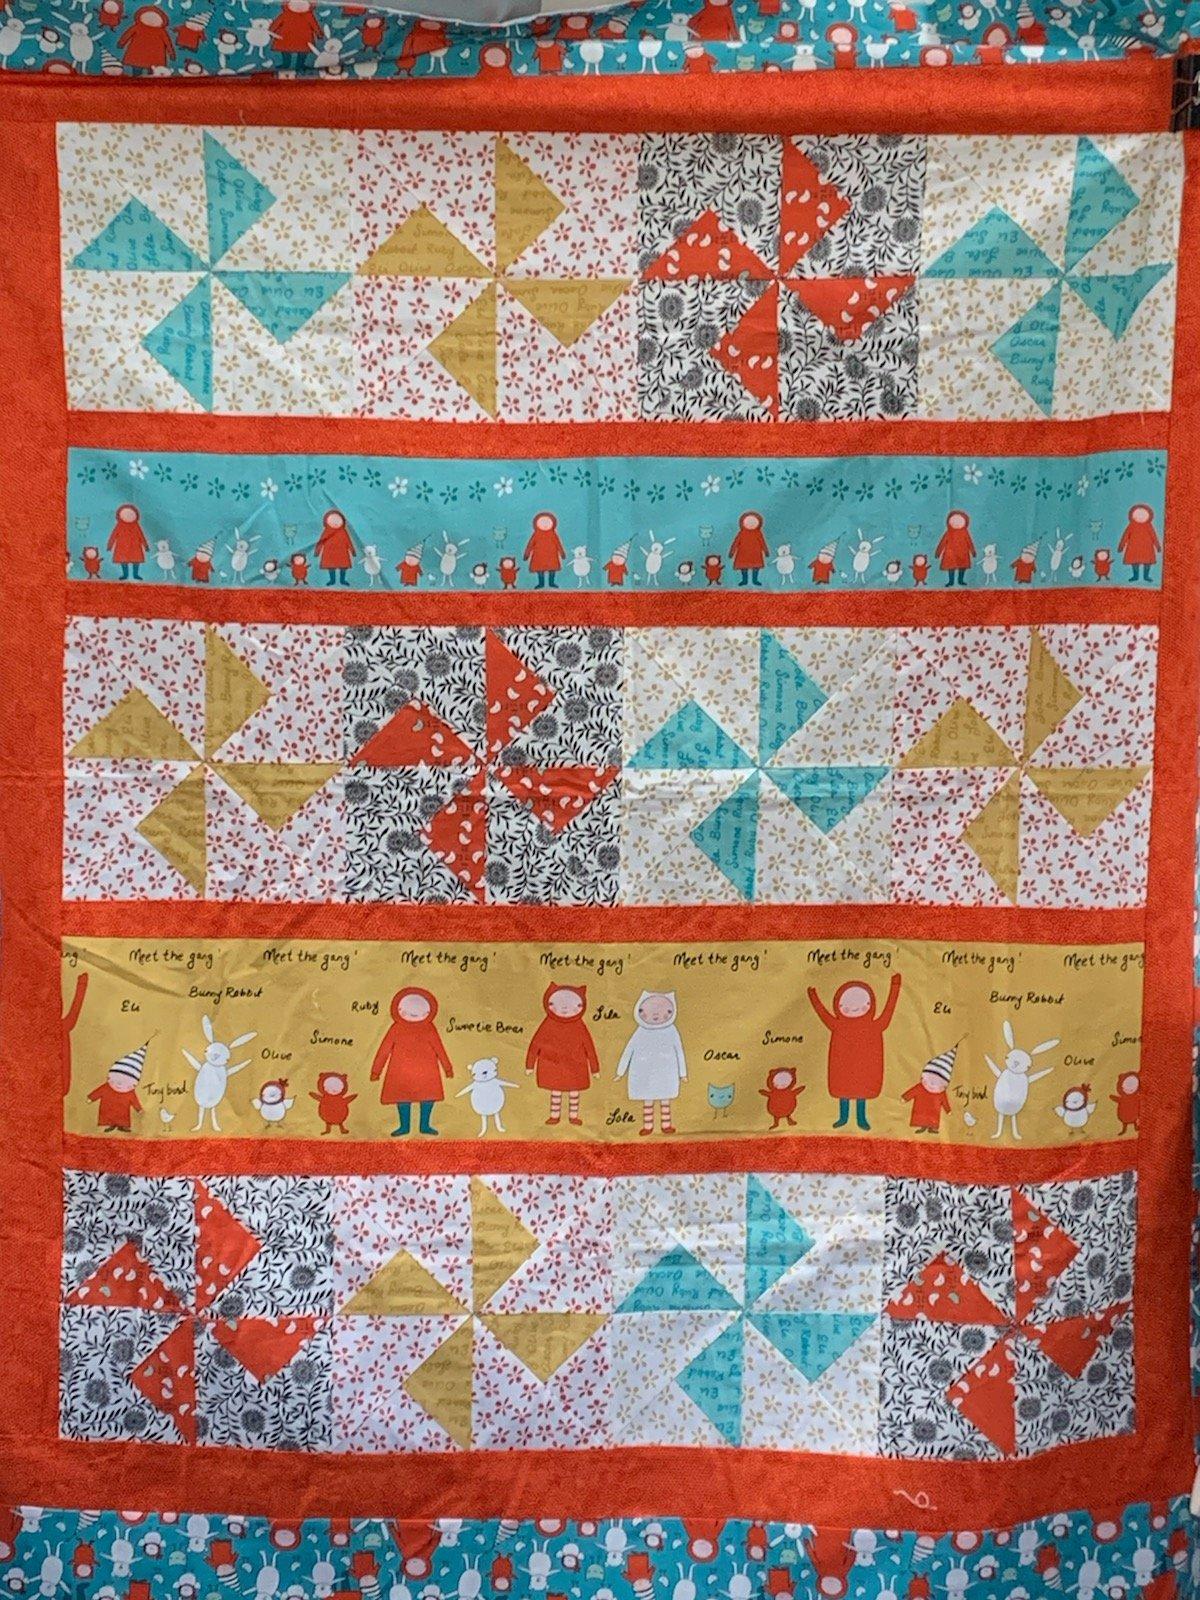 Friends Quilt Top Measures 44 x 50